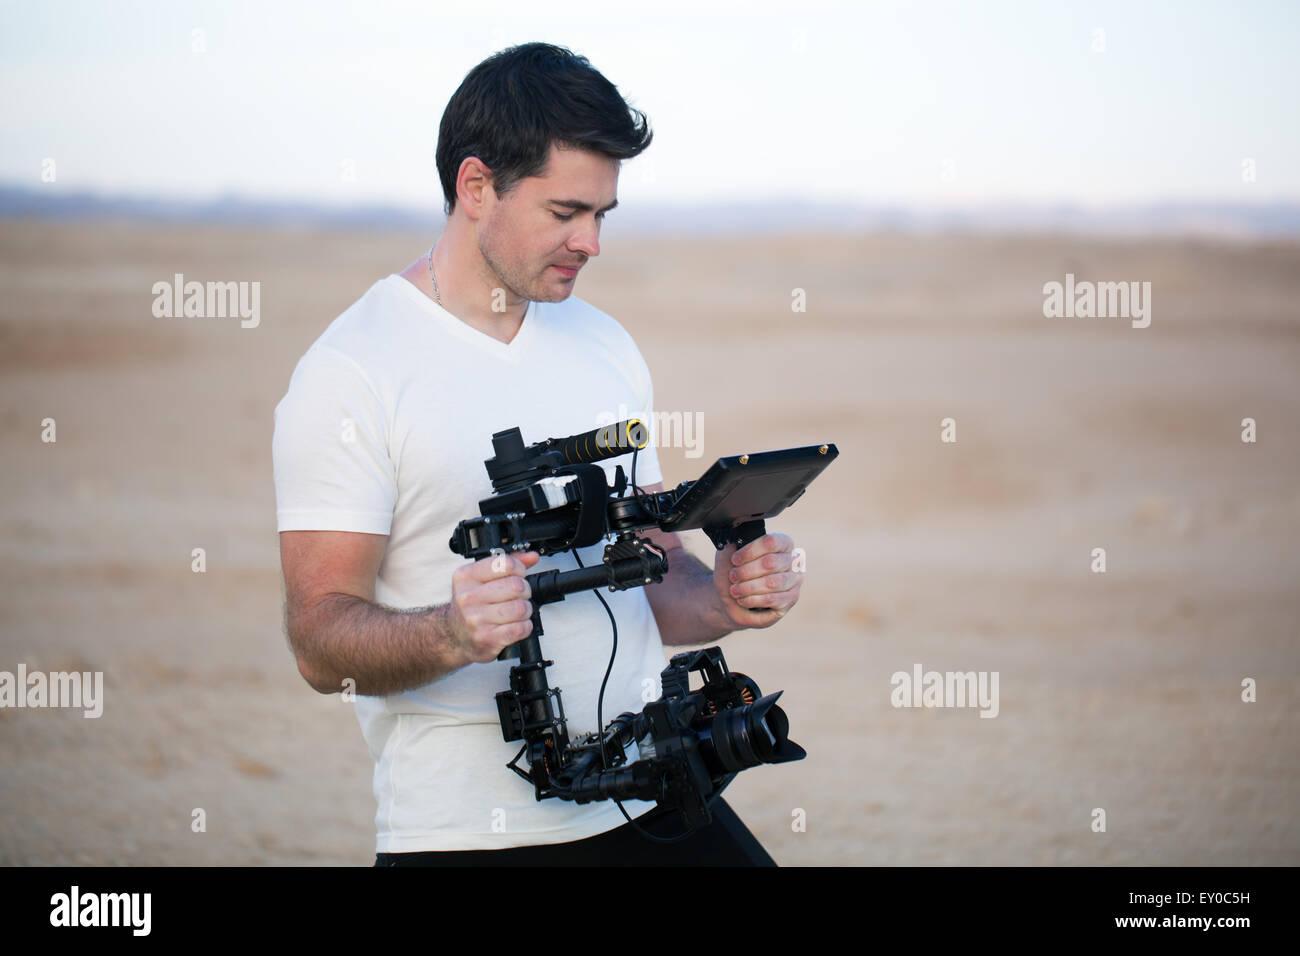 Jeune homme à l'aide de tournage steadycam on beach Photo Stock